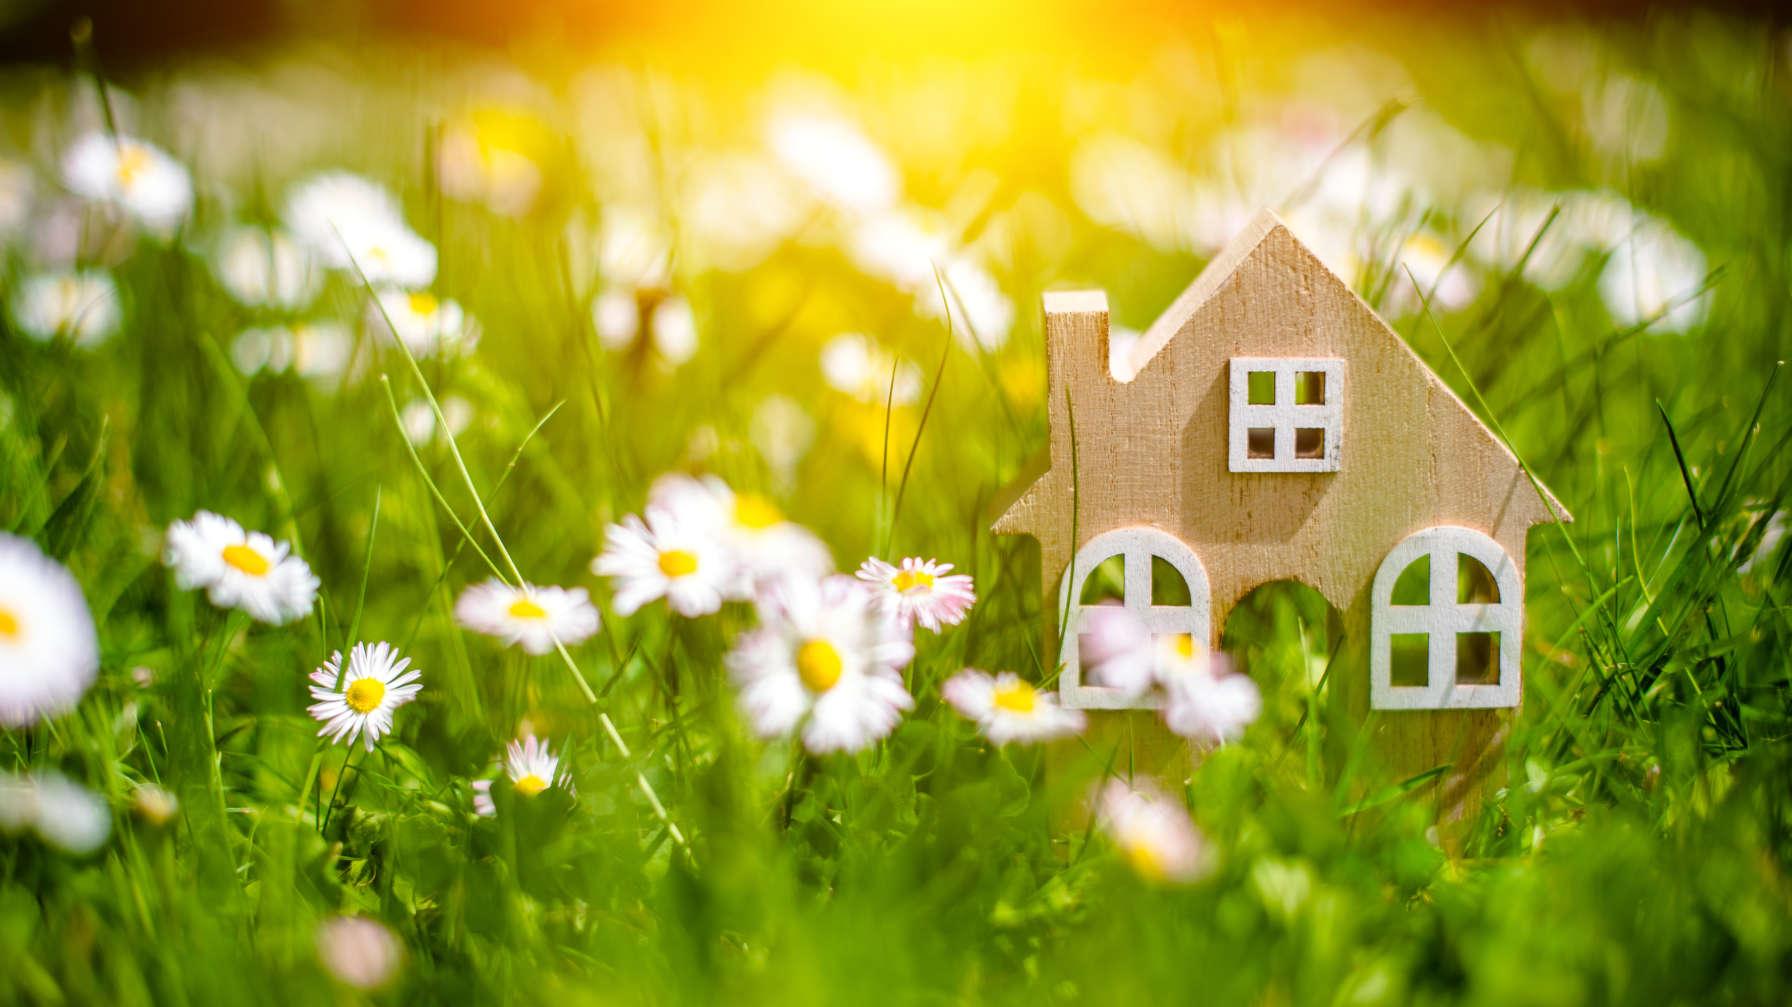 La casa domotica ecologica tutela l'ambiente e taglia le bollette